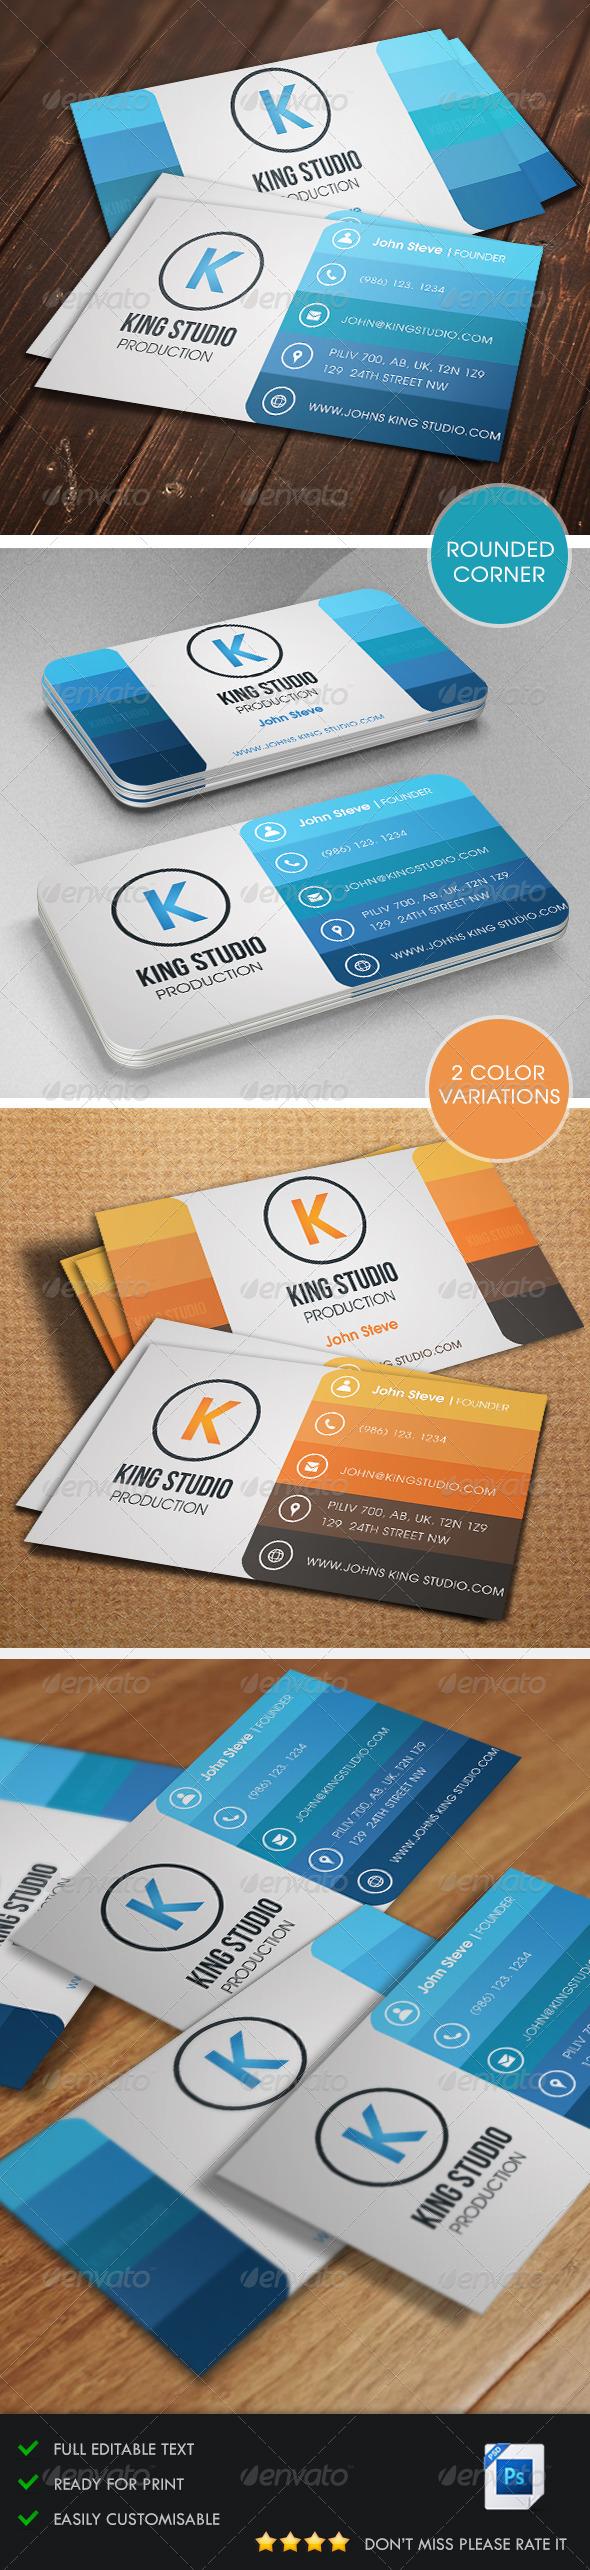 GraphicRiver Creative Business Card v1 5430229